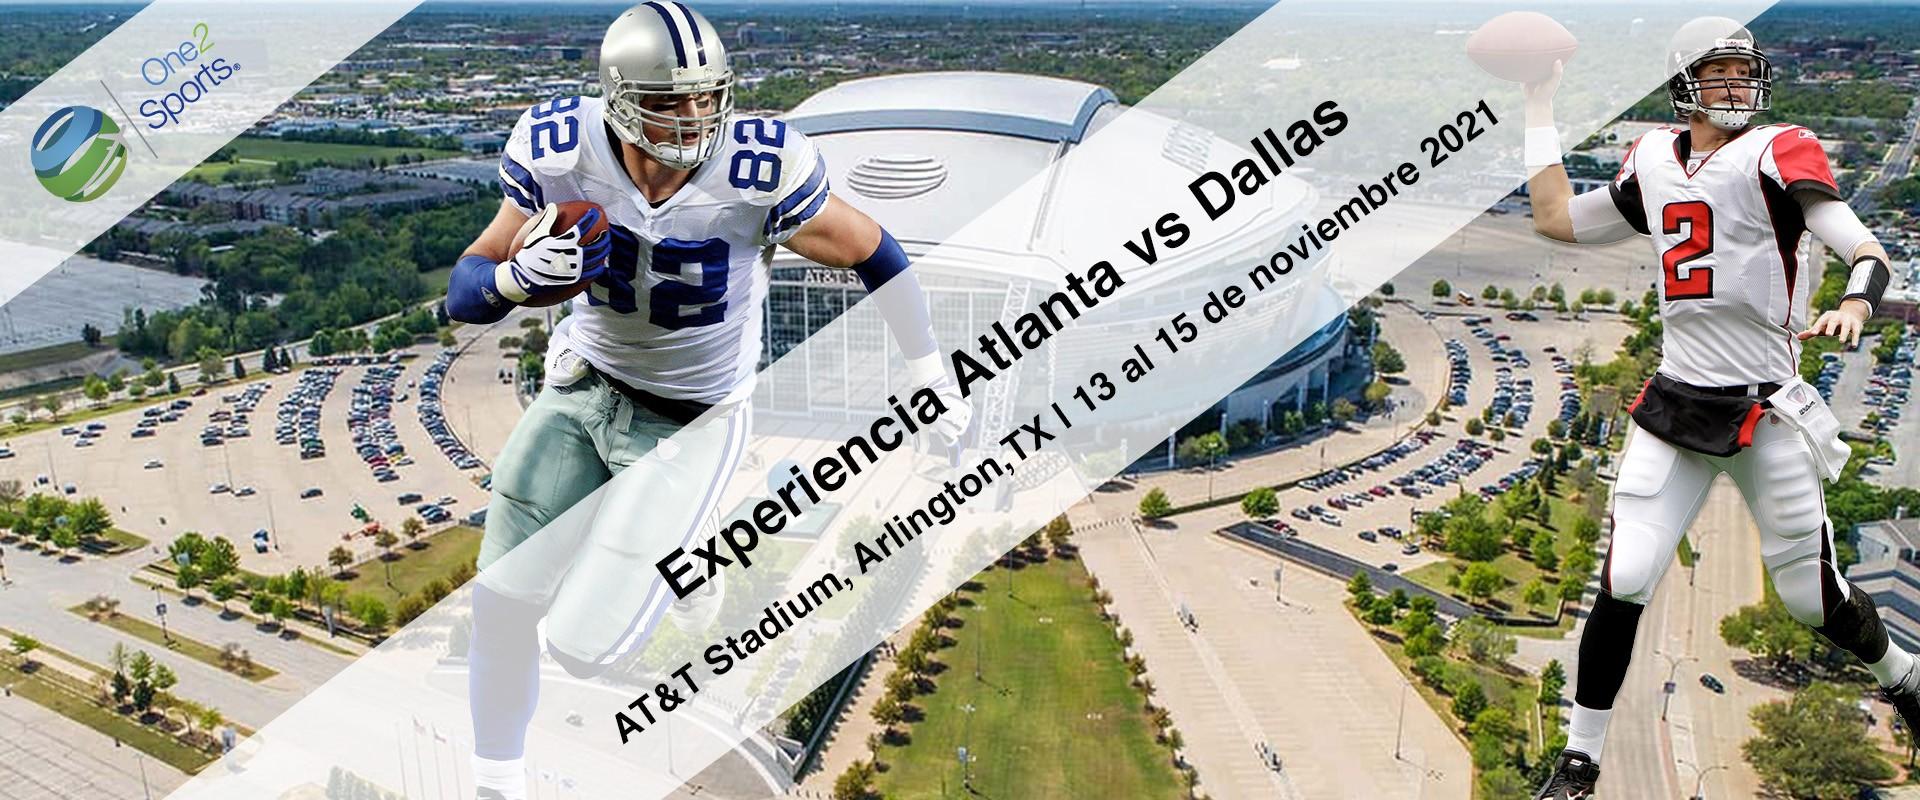 Dallas vs Atlanta